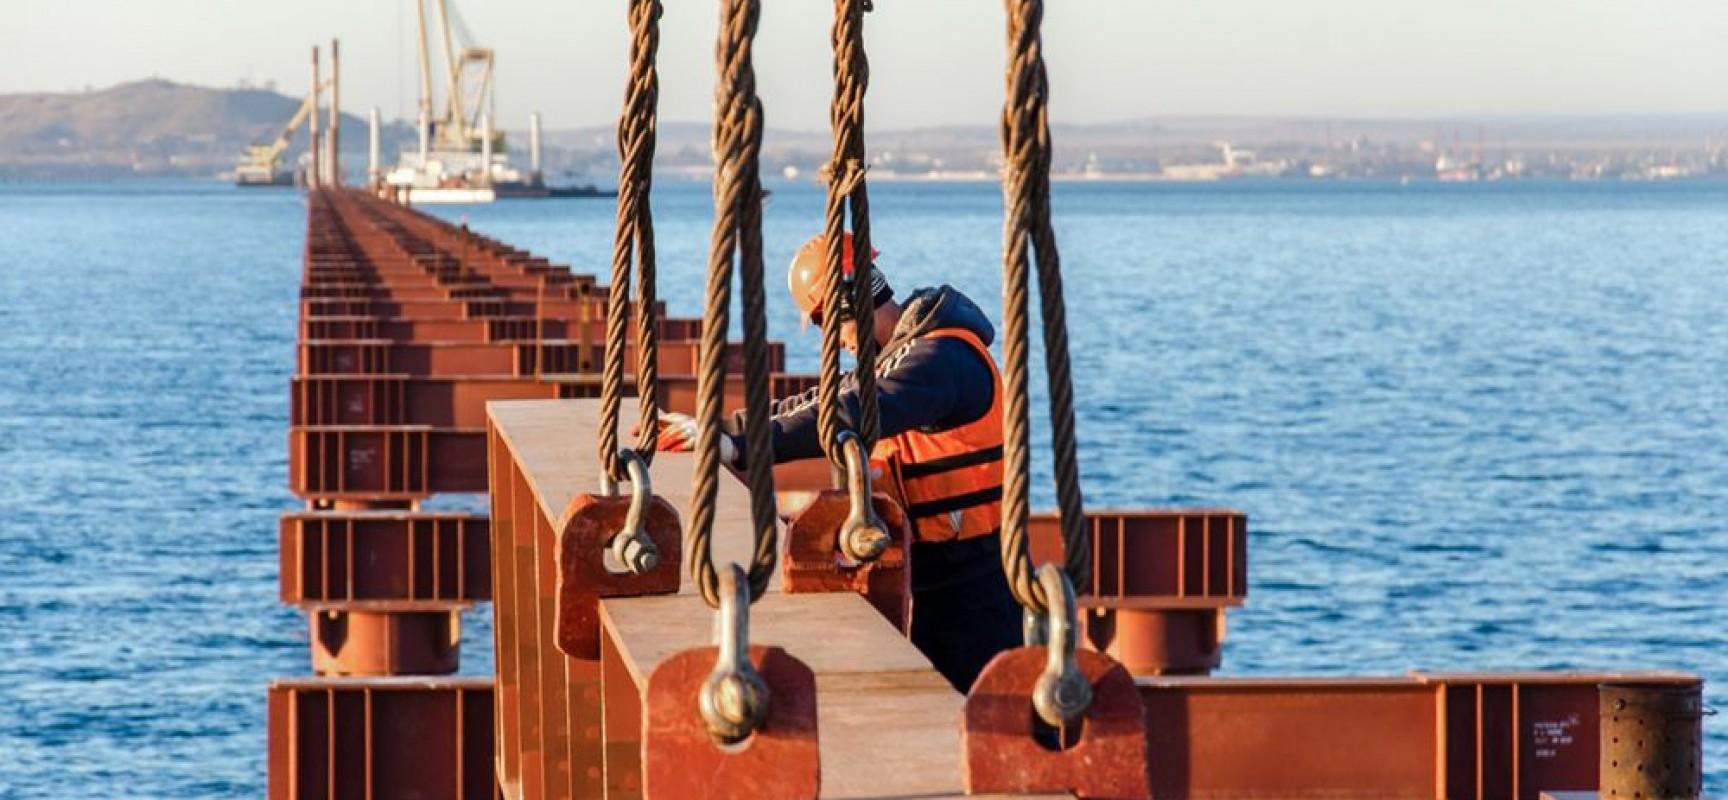 Строители готовят акваторию к началу стройки моста через Керченский пролив